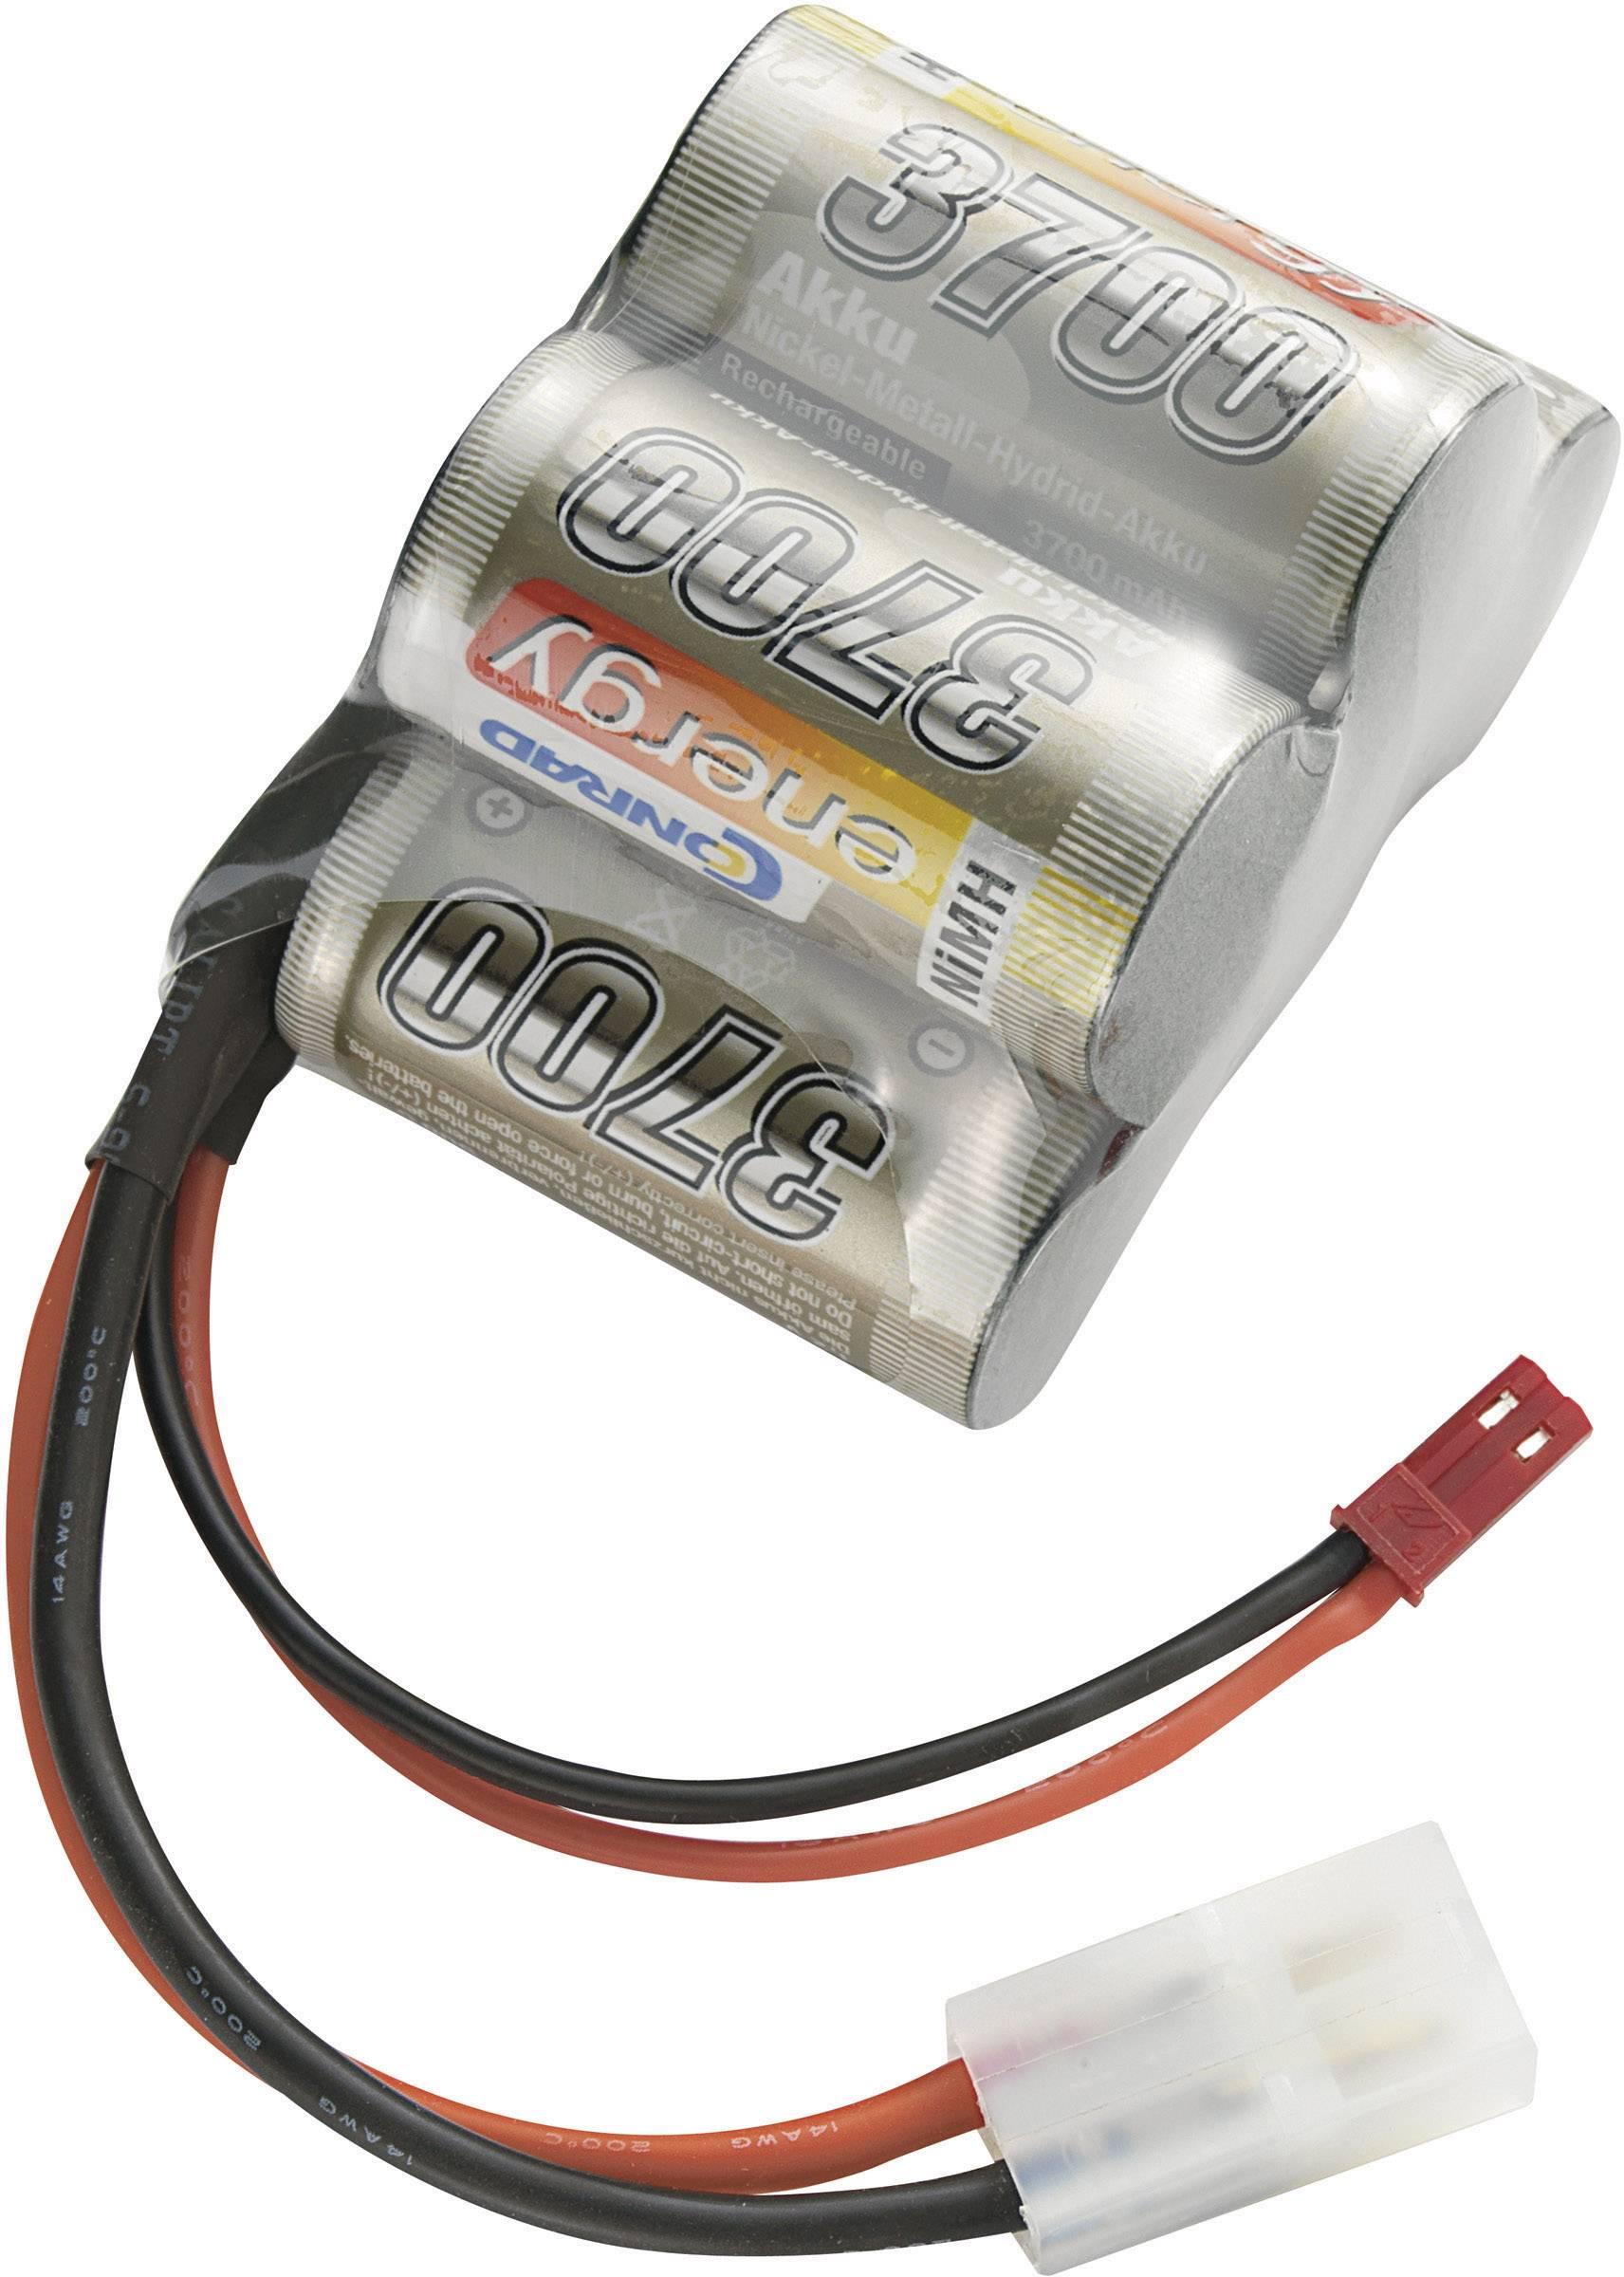 Akupack přijímače NiMH Conrad Energy Sub-C, 6 V, 3700 mAh, Hump, Tamiya / BEC